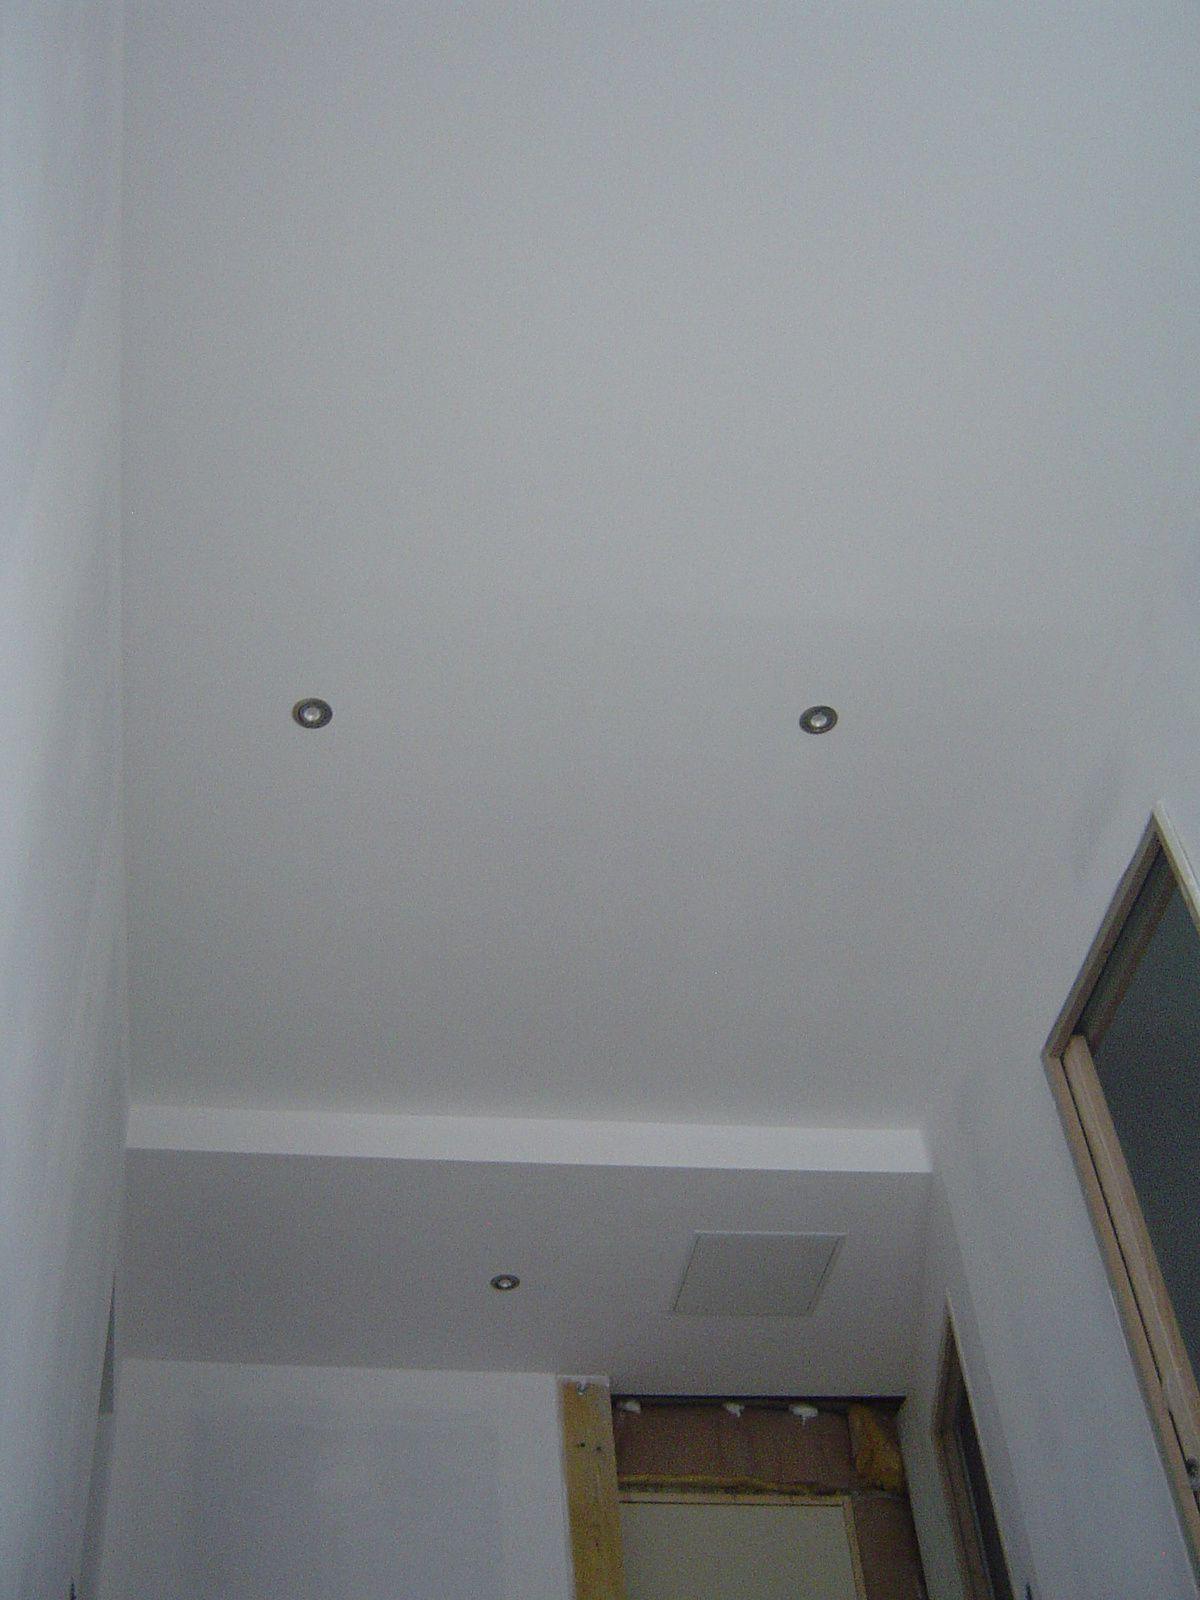 Peinture plafond et pose des spots for Peinture plafond